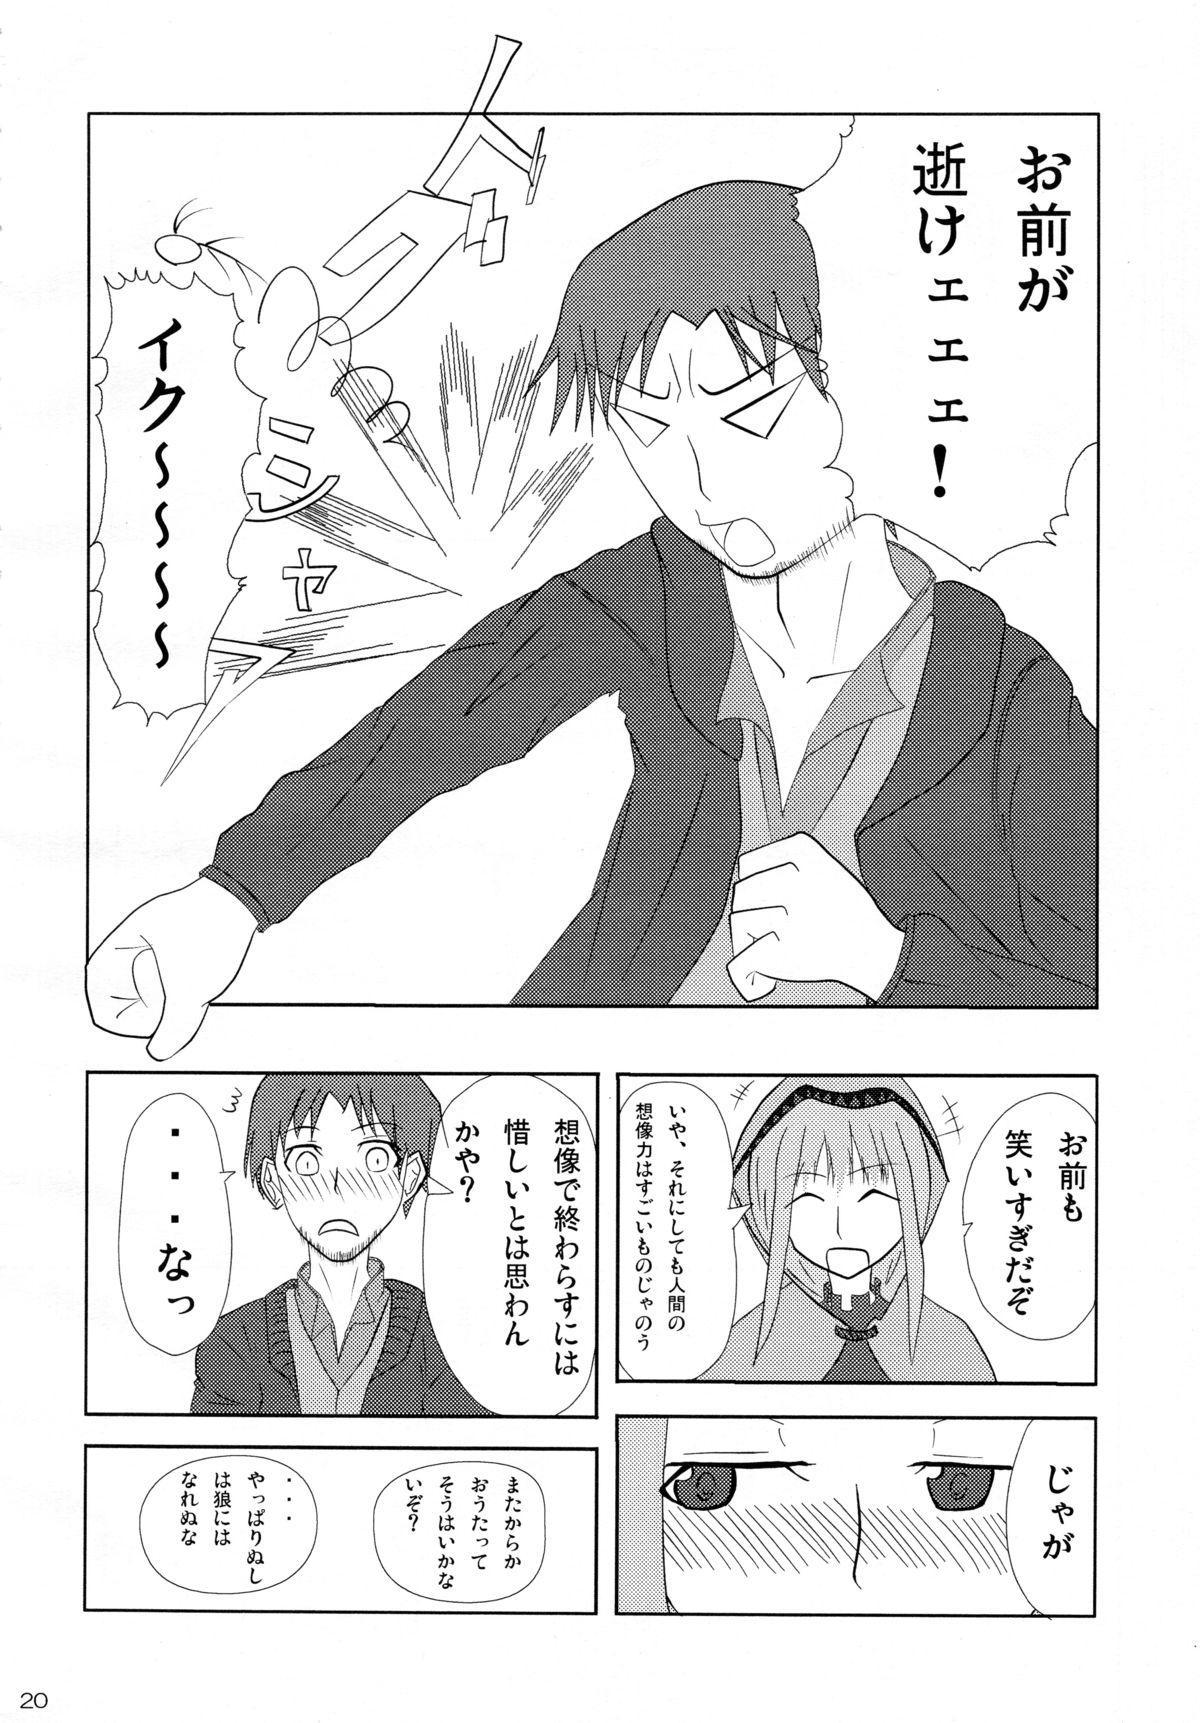 Ookami to Ringo no Hachimitsuzuke 19